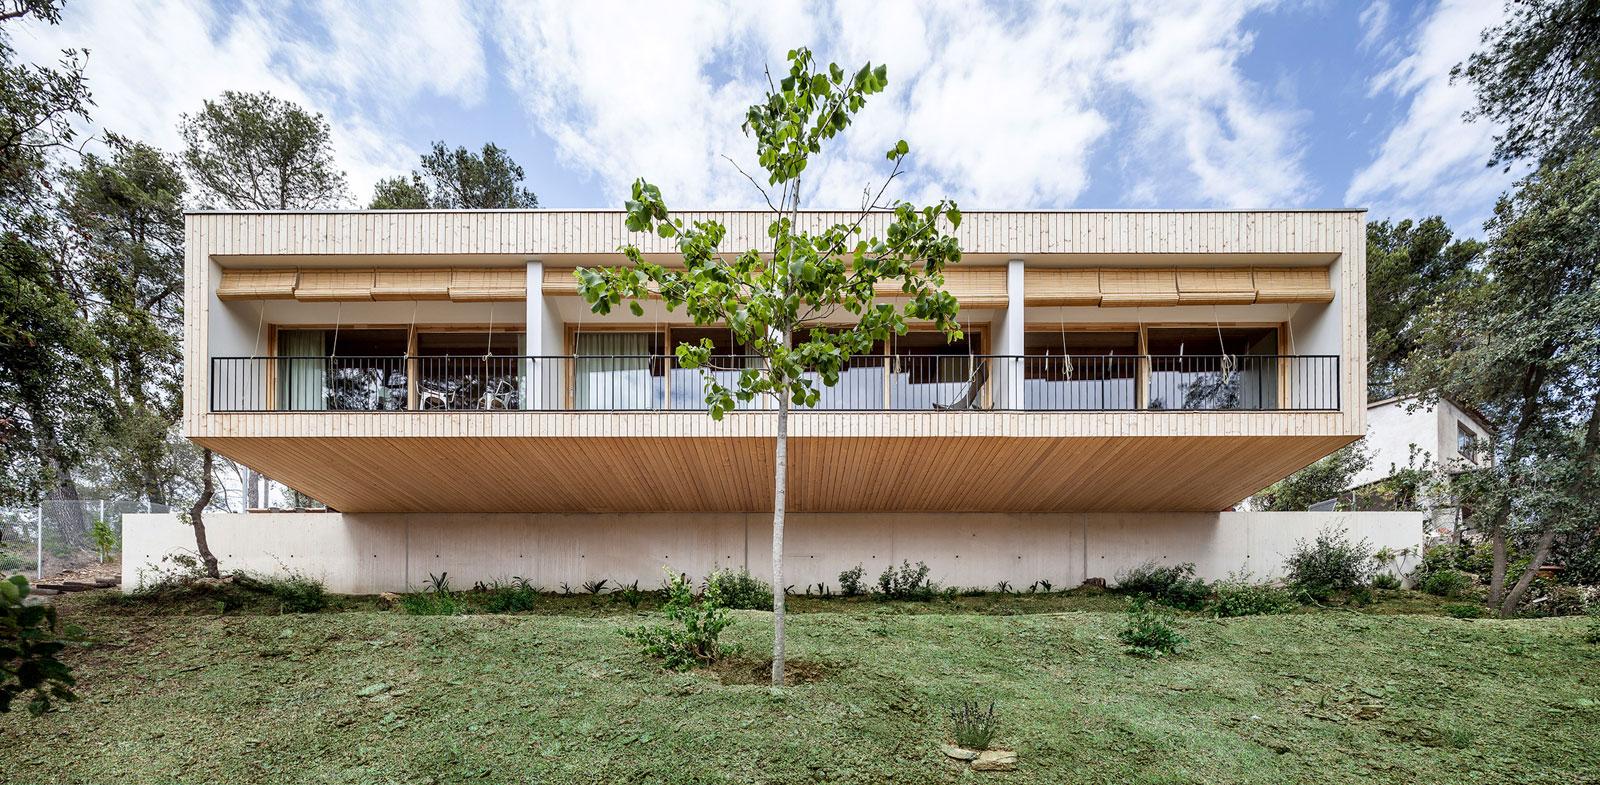 Casa LLP / Alventosa Morell (21)